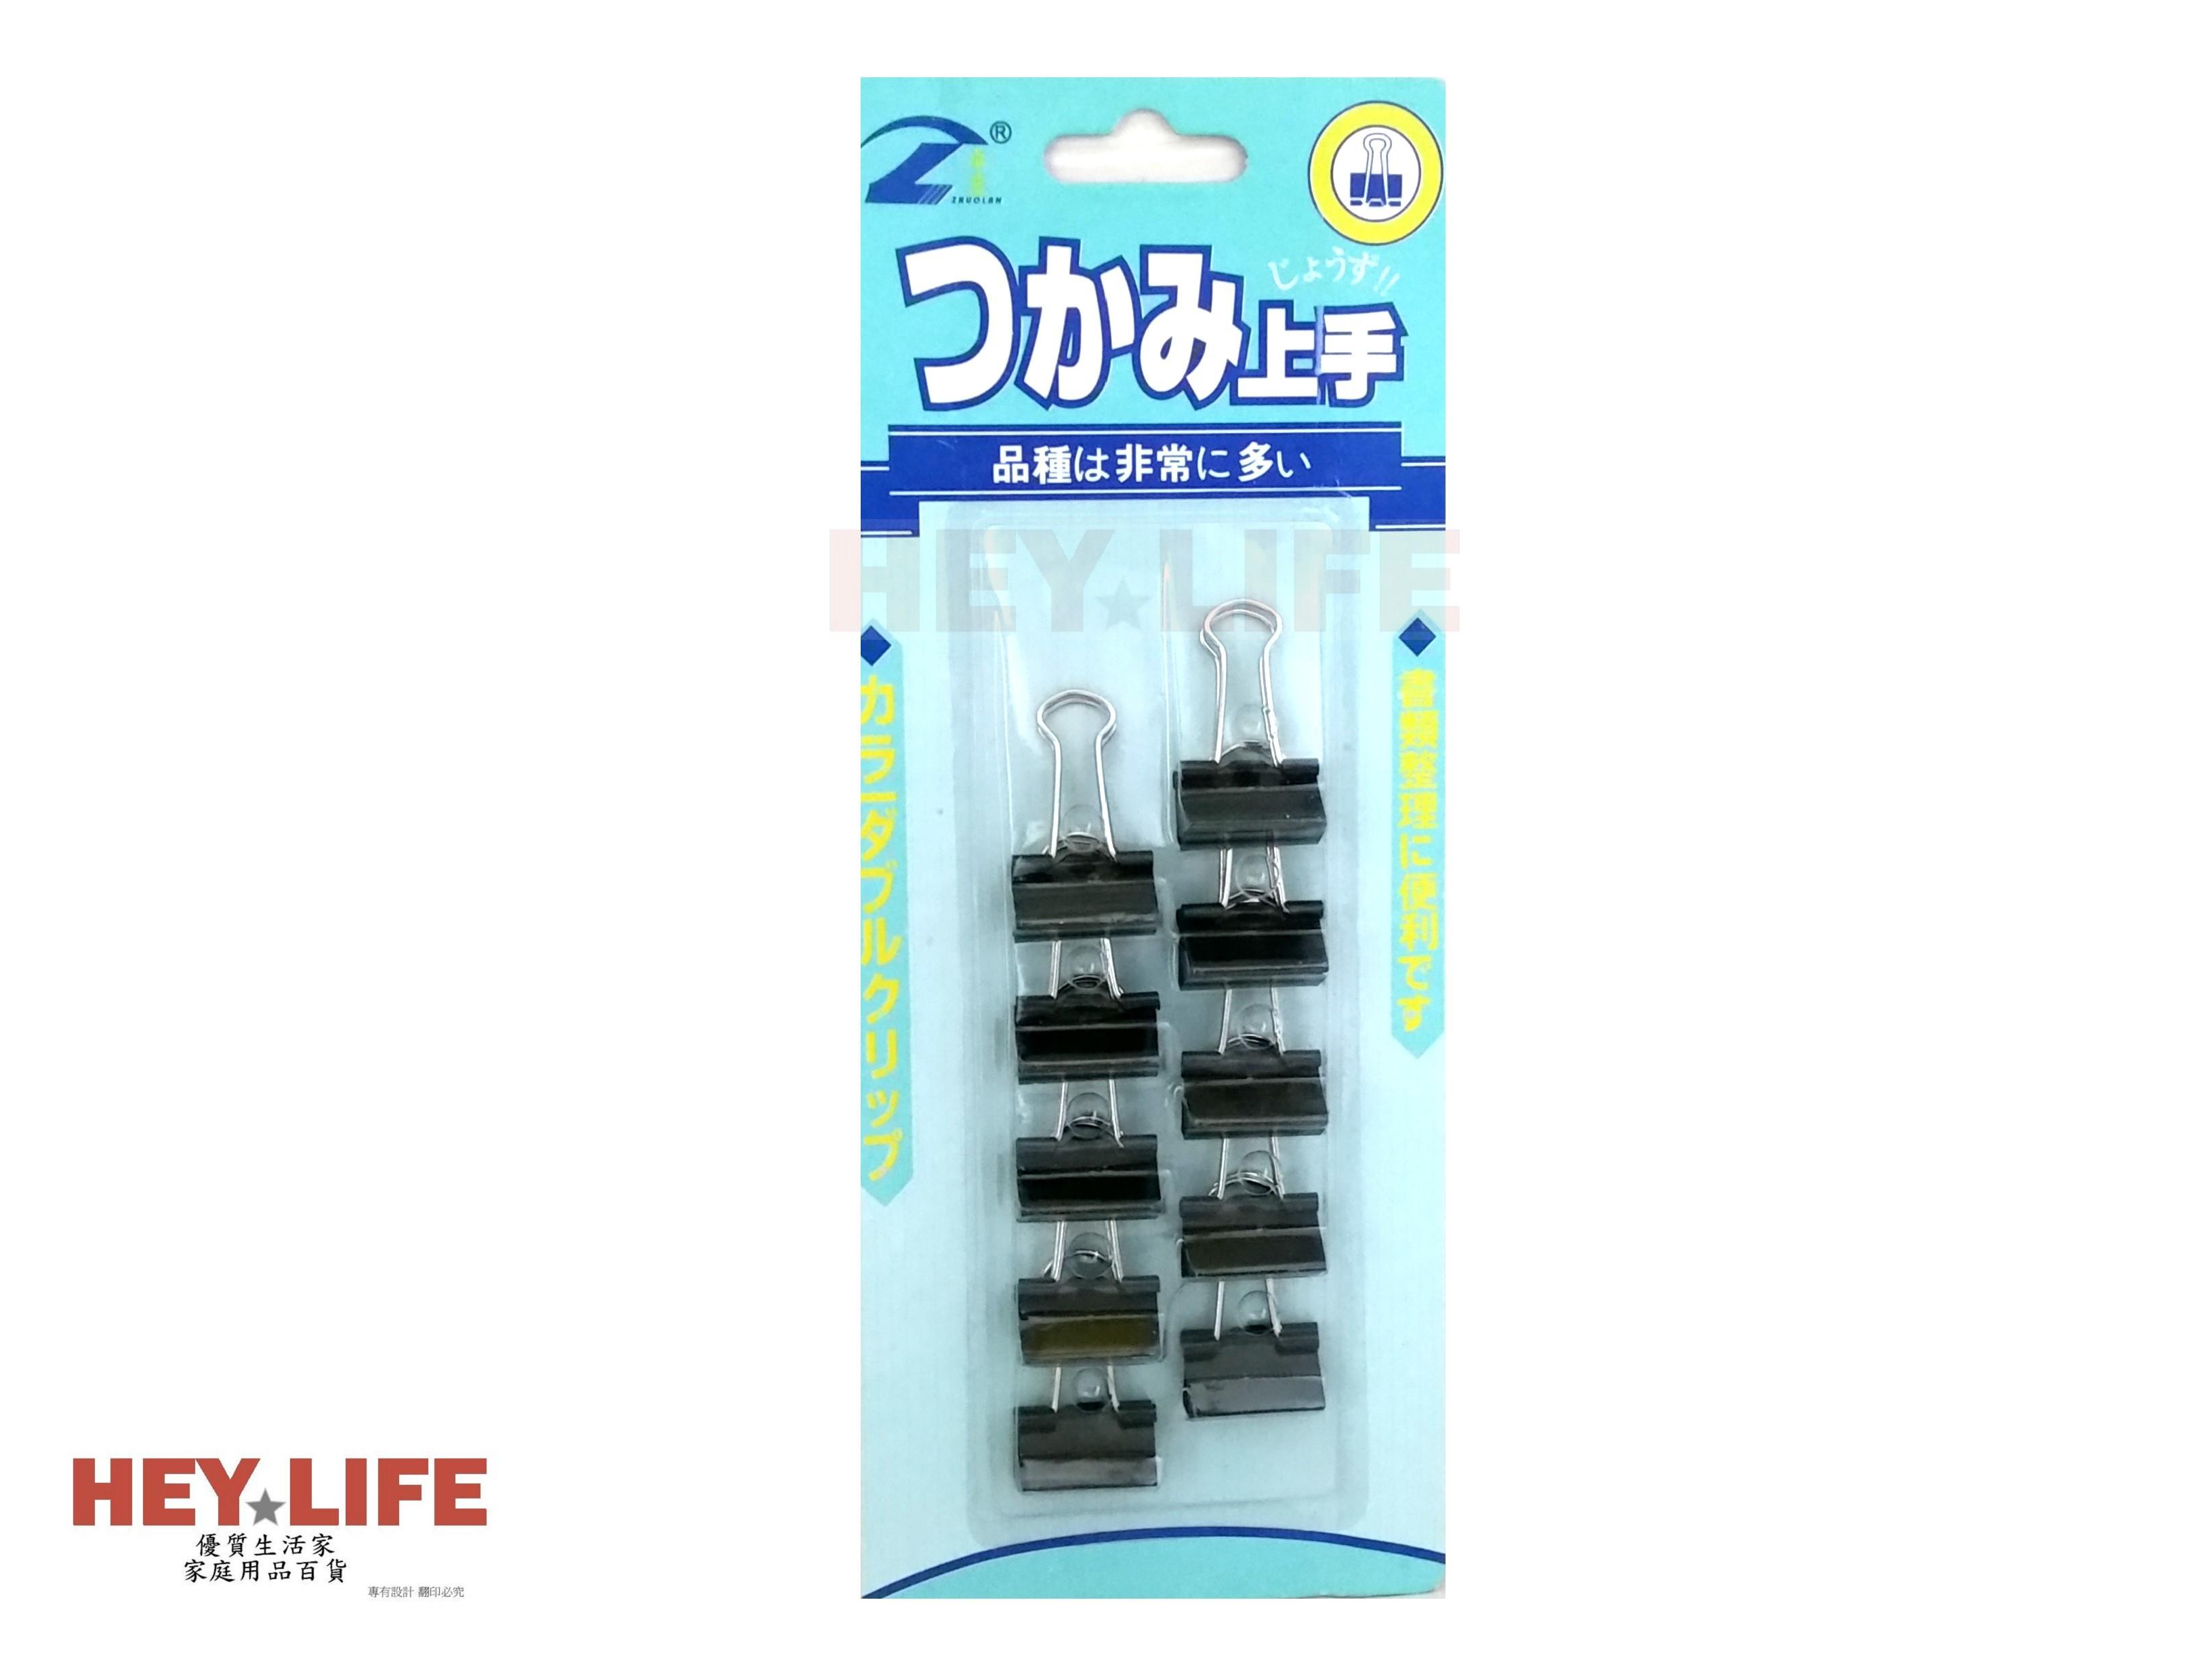 【HEYLIFE優質生活家】長尾夾(黑色)10入 15mm 文具夾 夾 優質嚴選 品質保證